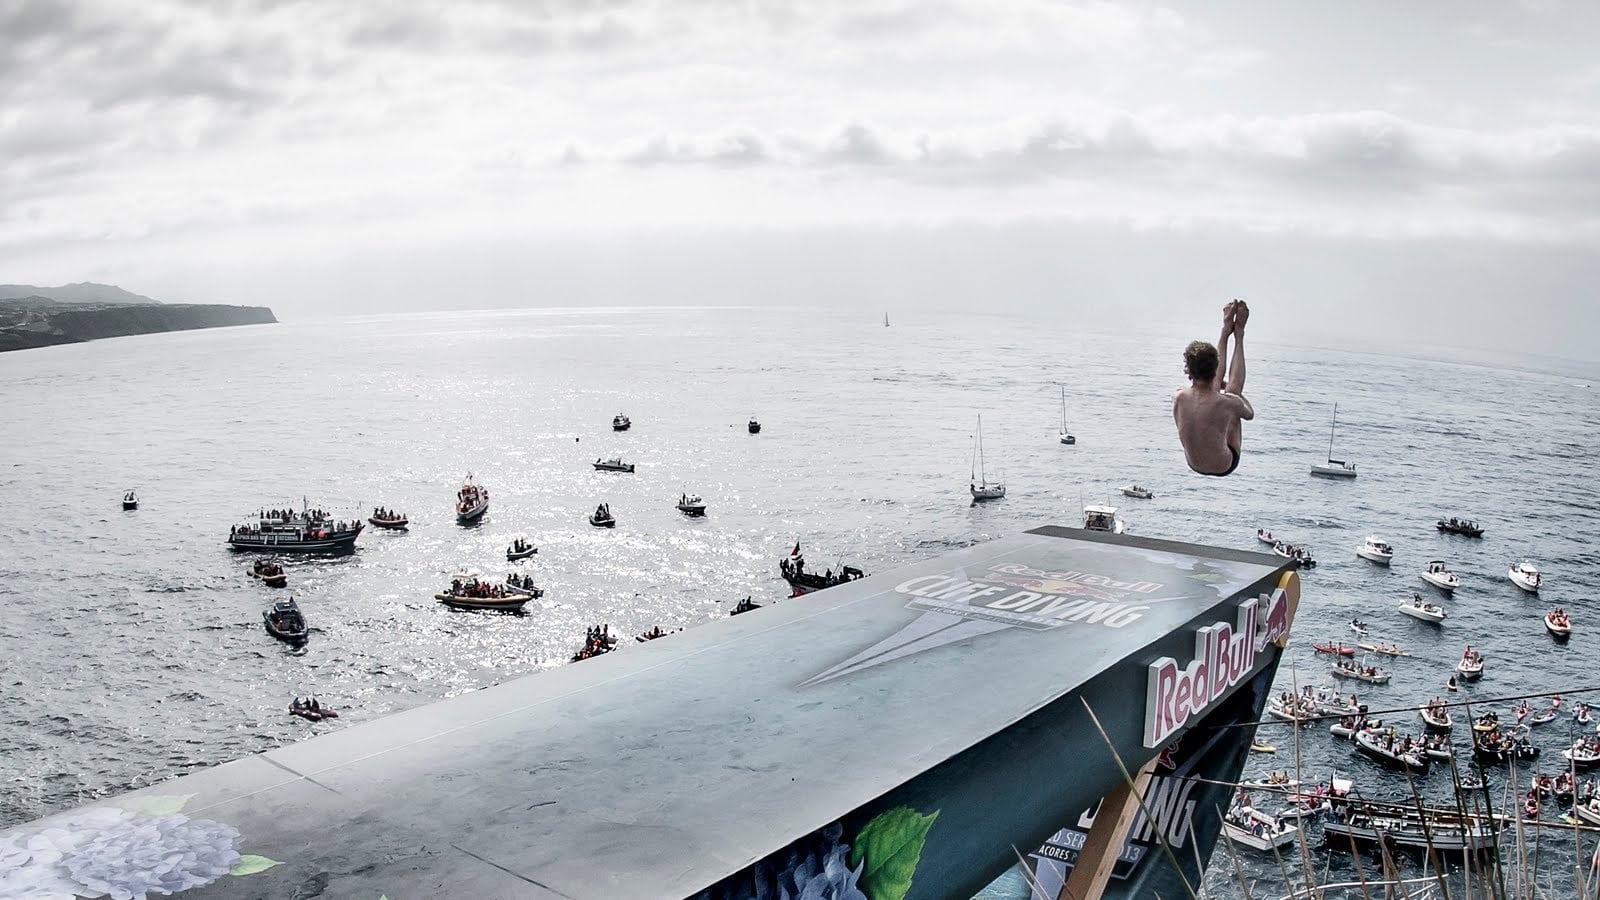 RedBull Cliffdiving 2018 – Os melhores momentos (imagens arrepiantes)